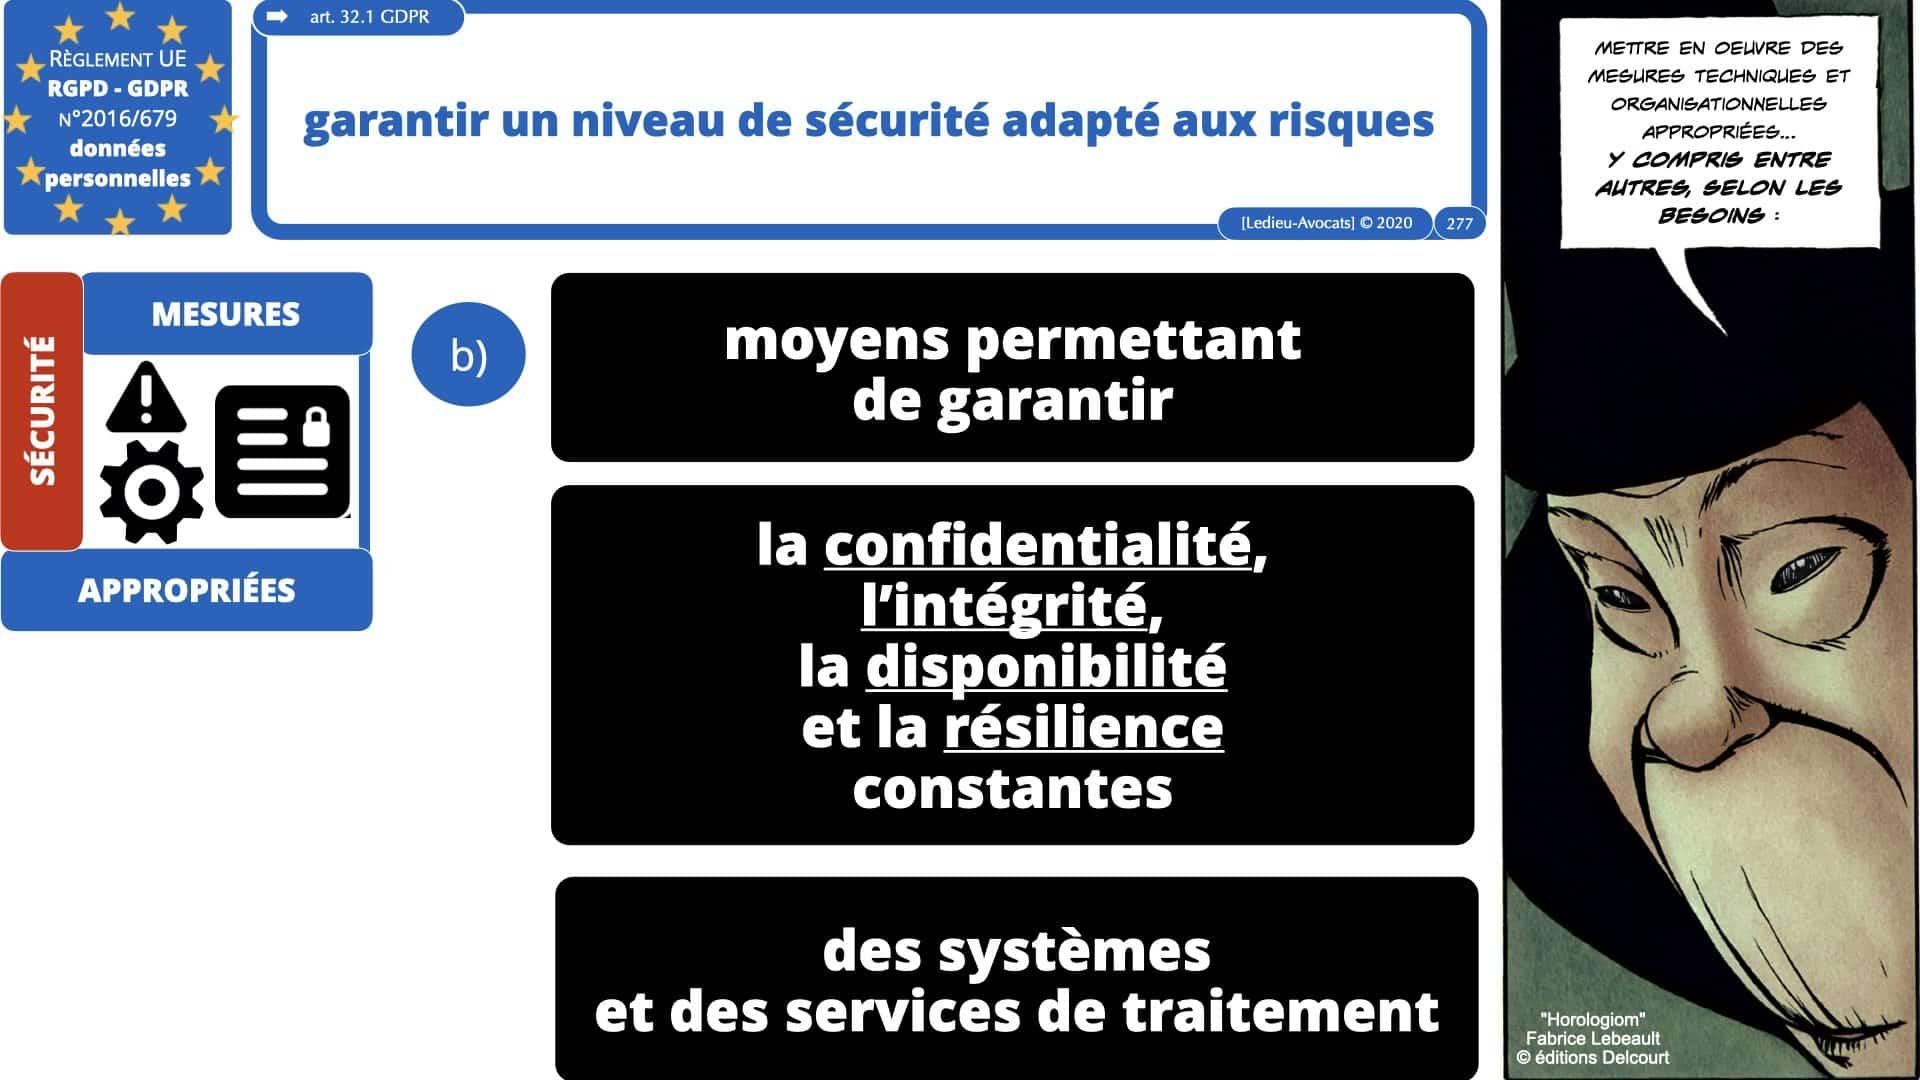 RGPD e-Privacy données personnelles jurisprudence formation Lamy Les Echos 10-02-2021 ©Ledieu-Avocats.277